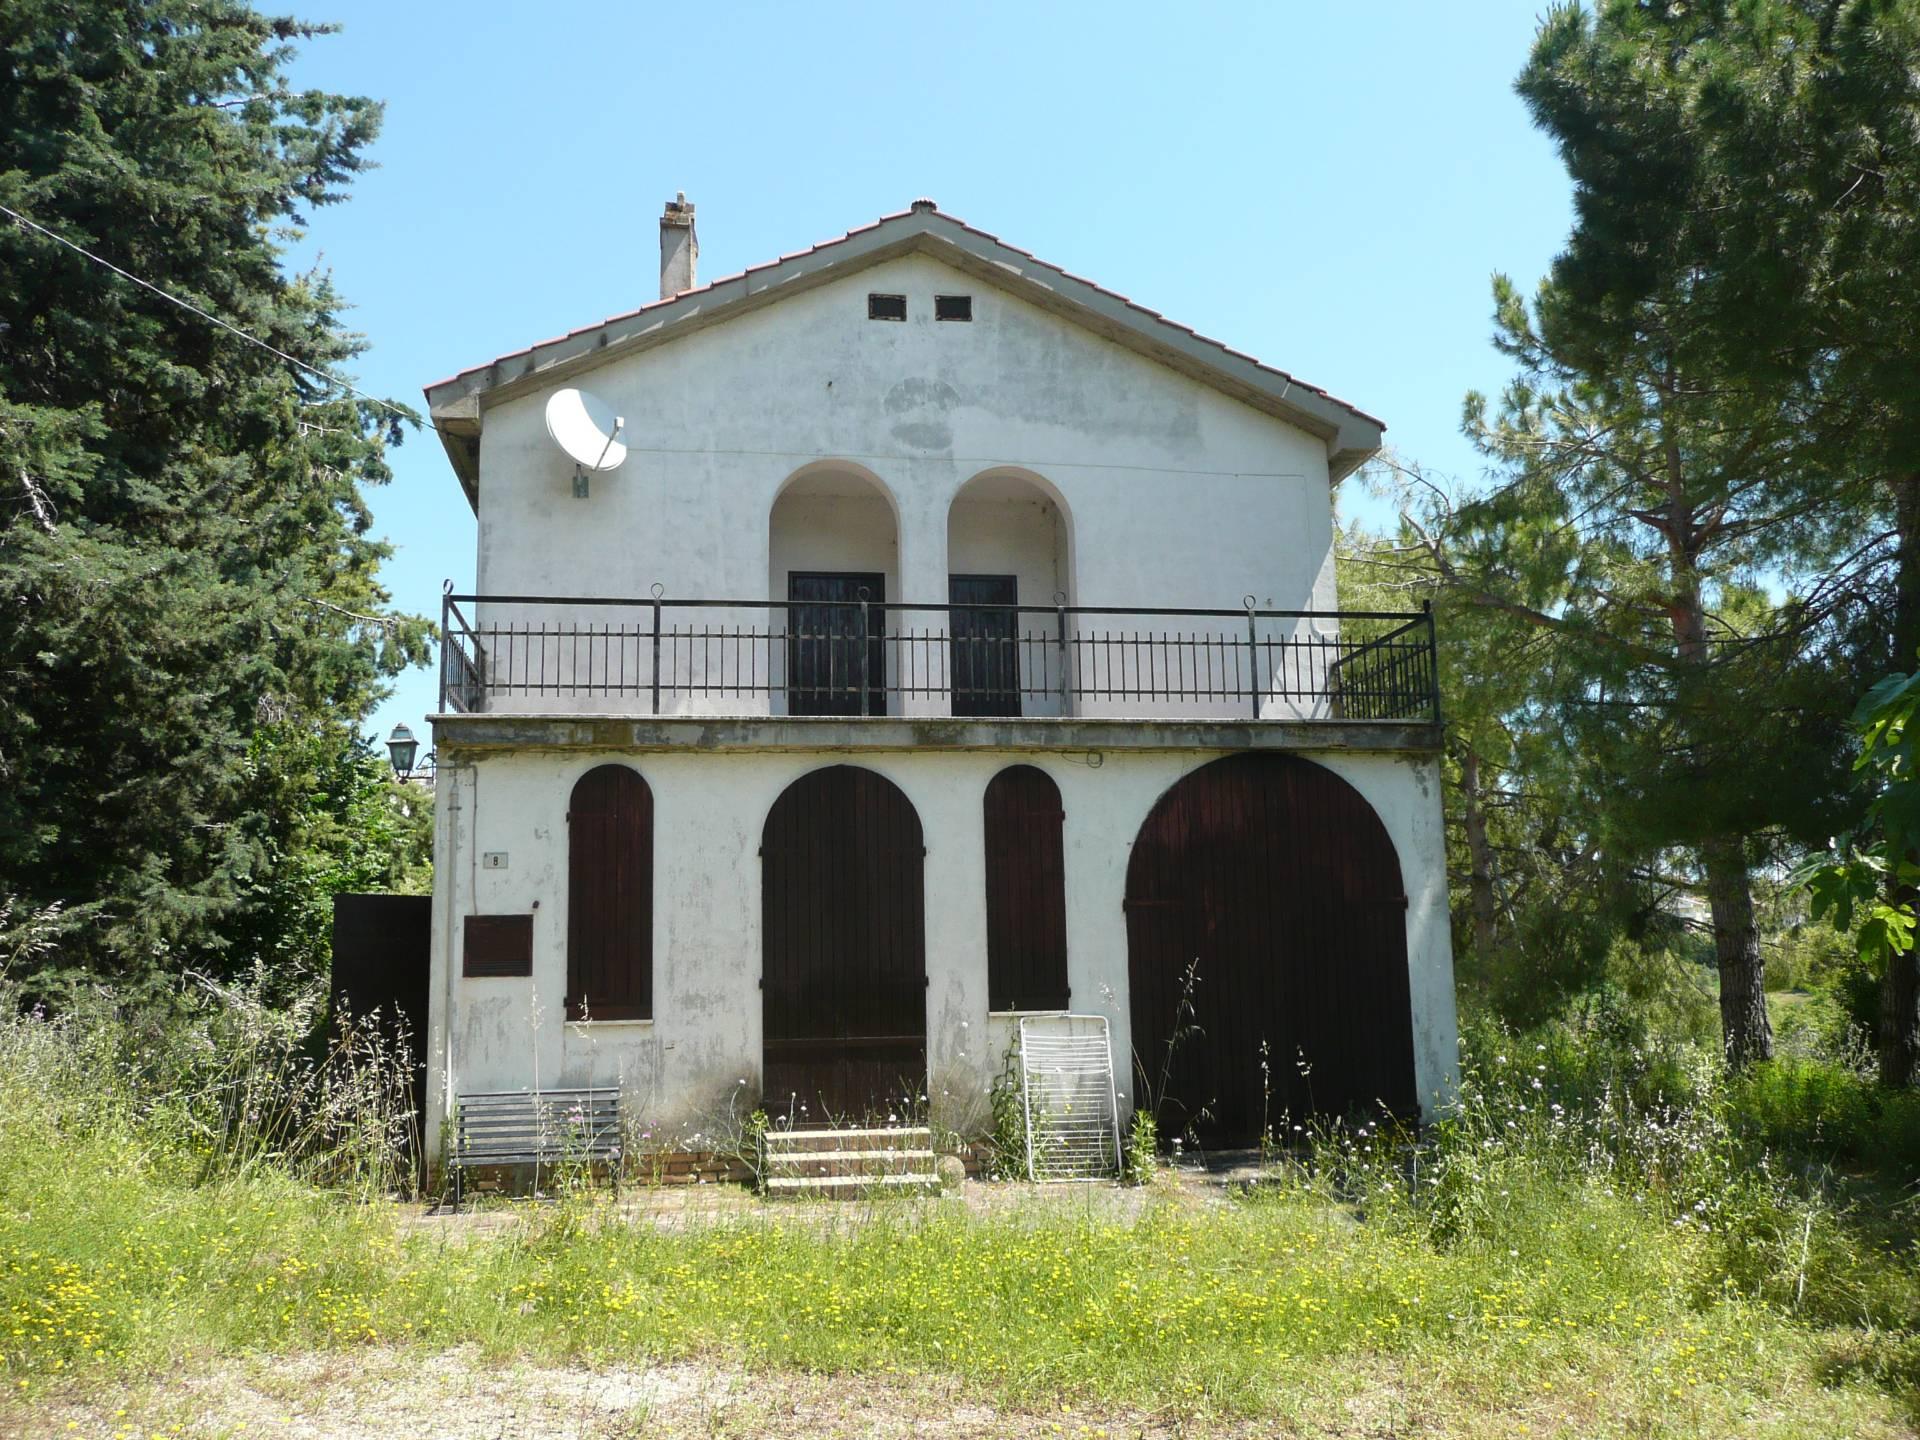 Rustico / Casale in vendita a Tortoreto, 6 locali, prezzo € 150.000 | Cambio Casa.it